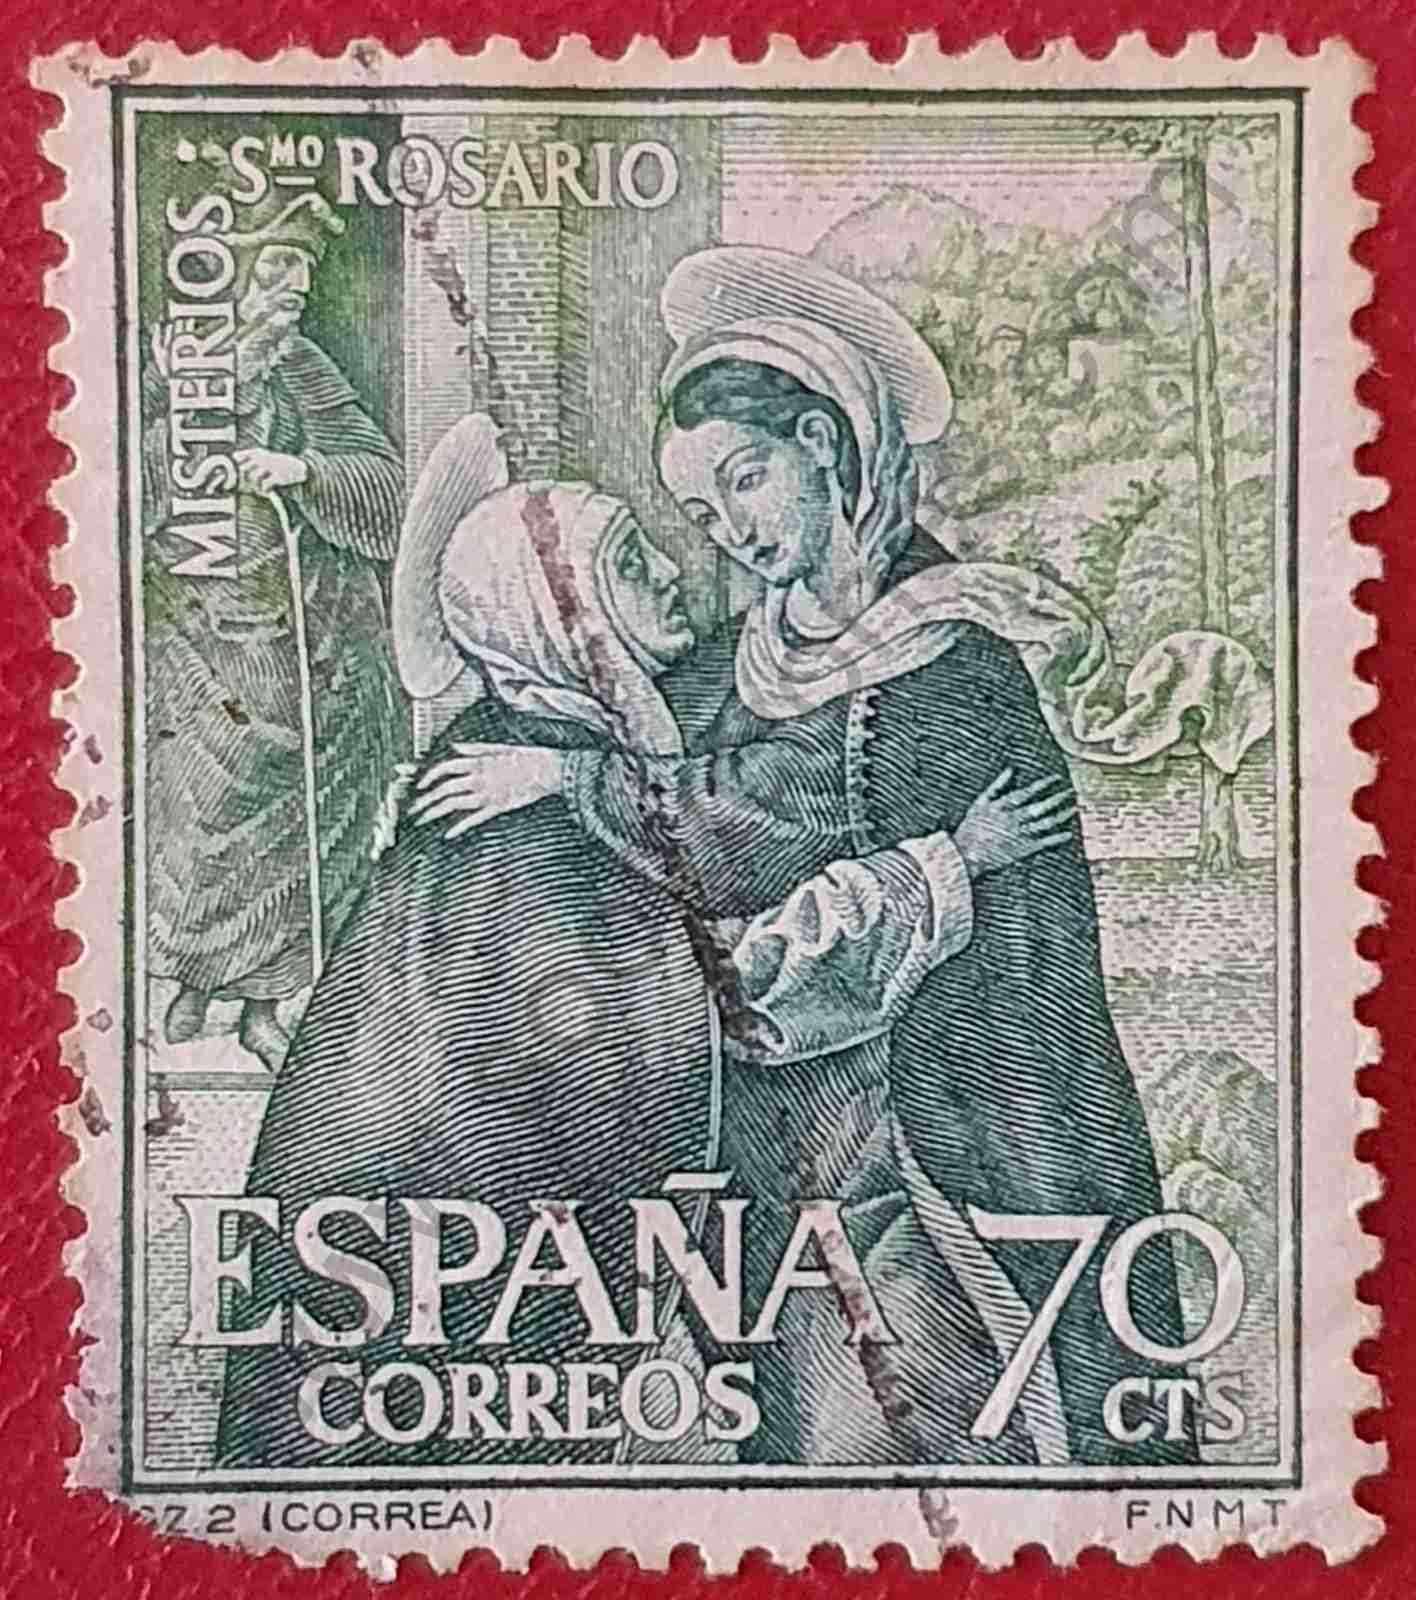 La Visitación de Correa - Sello España 1967